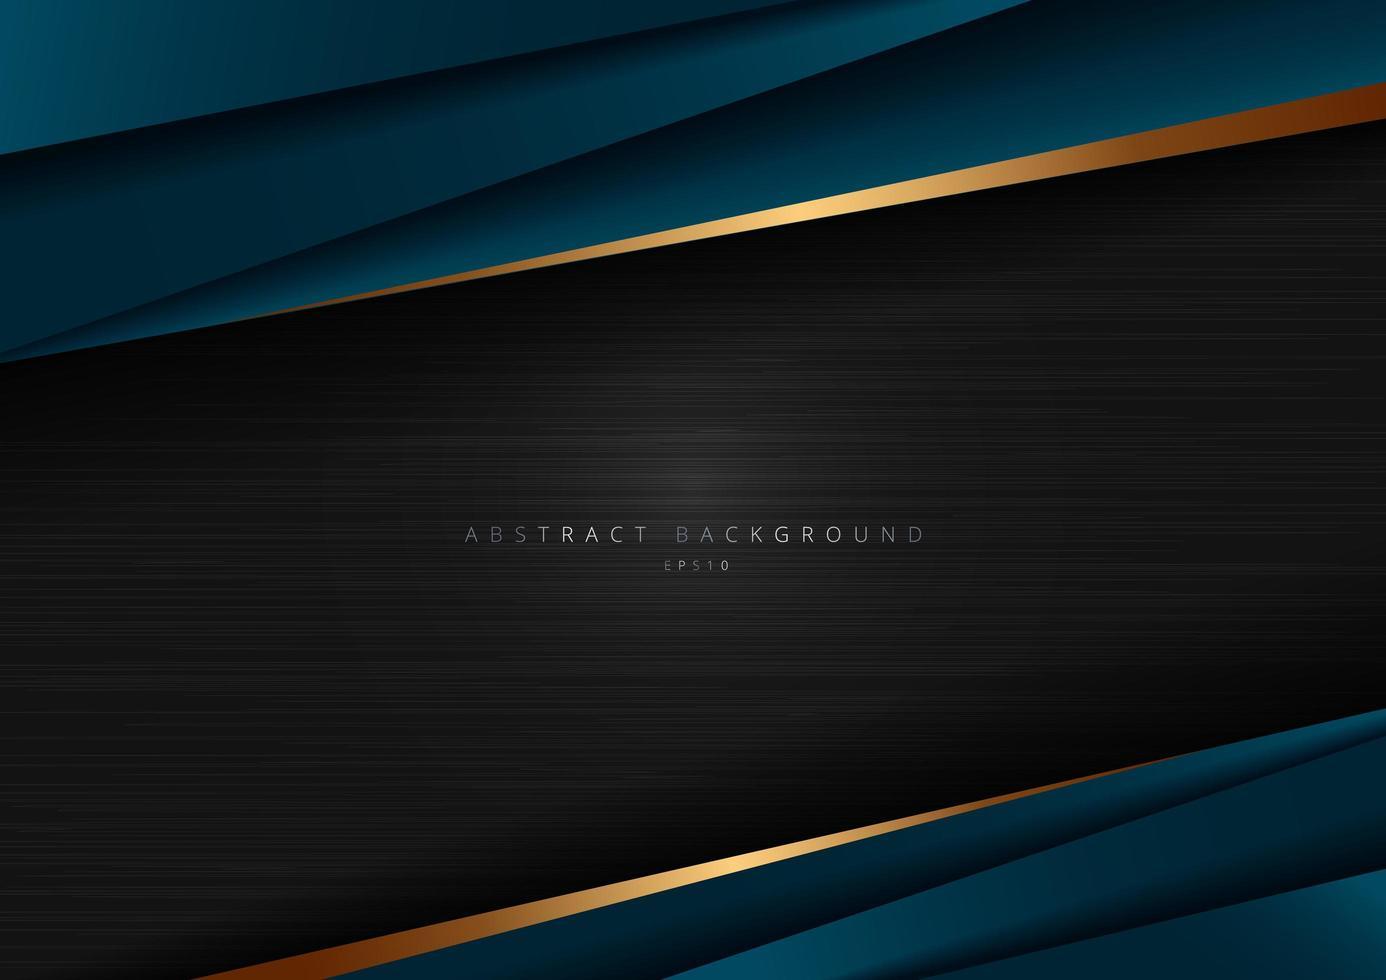 modelo abstrato premium de luxo azul escuro sobre fundo preto com padrão geométrico de triângulos e linhas douradas listradas. vetor